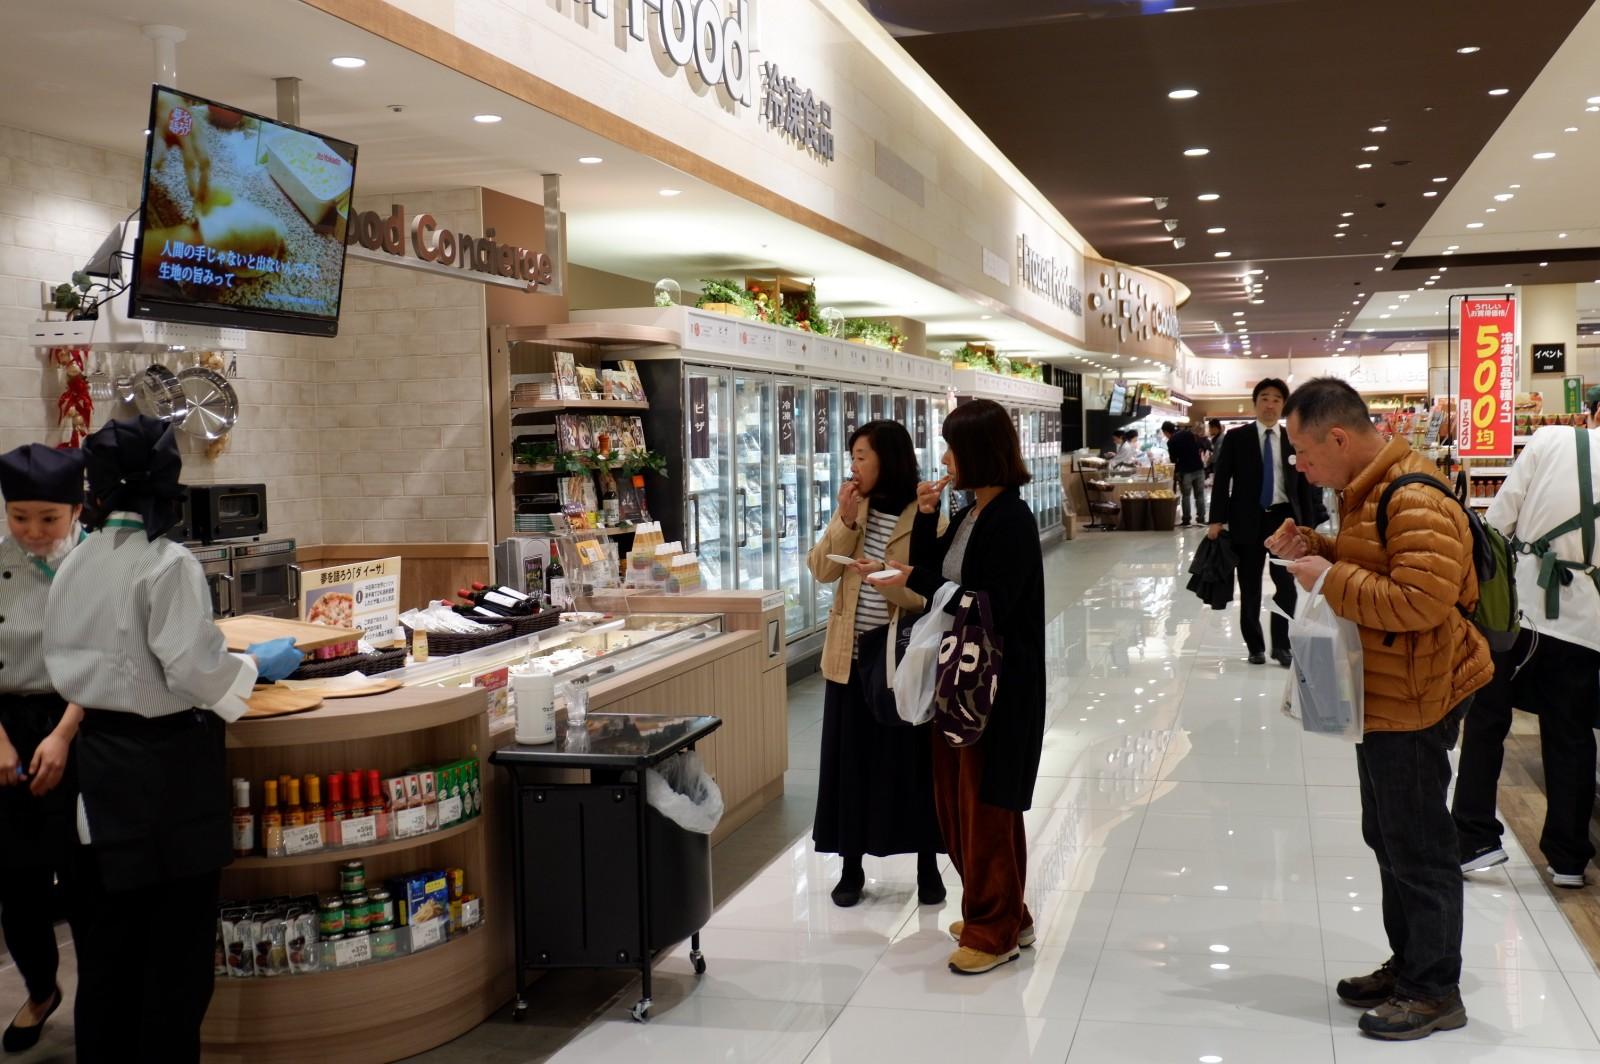 提案カウンターのある冷凍食品売場は店内の壁面に!! イトーヨーカドー赤池店